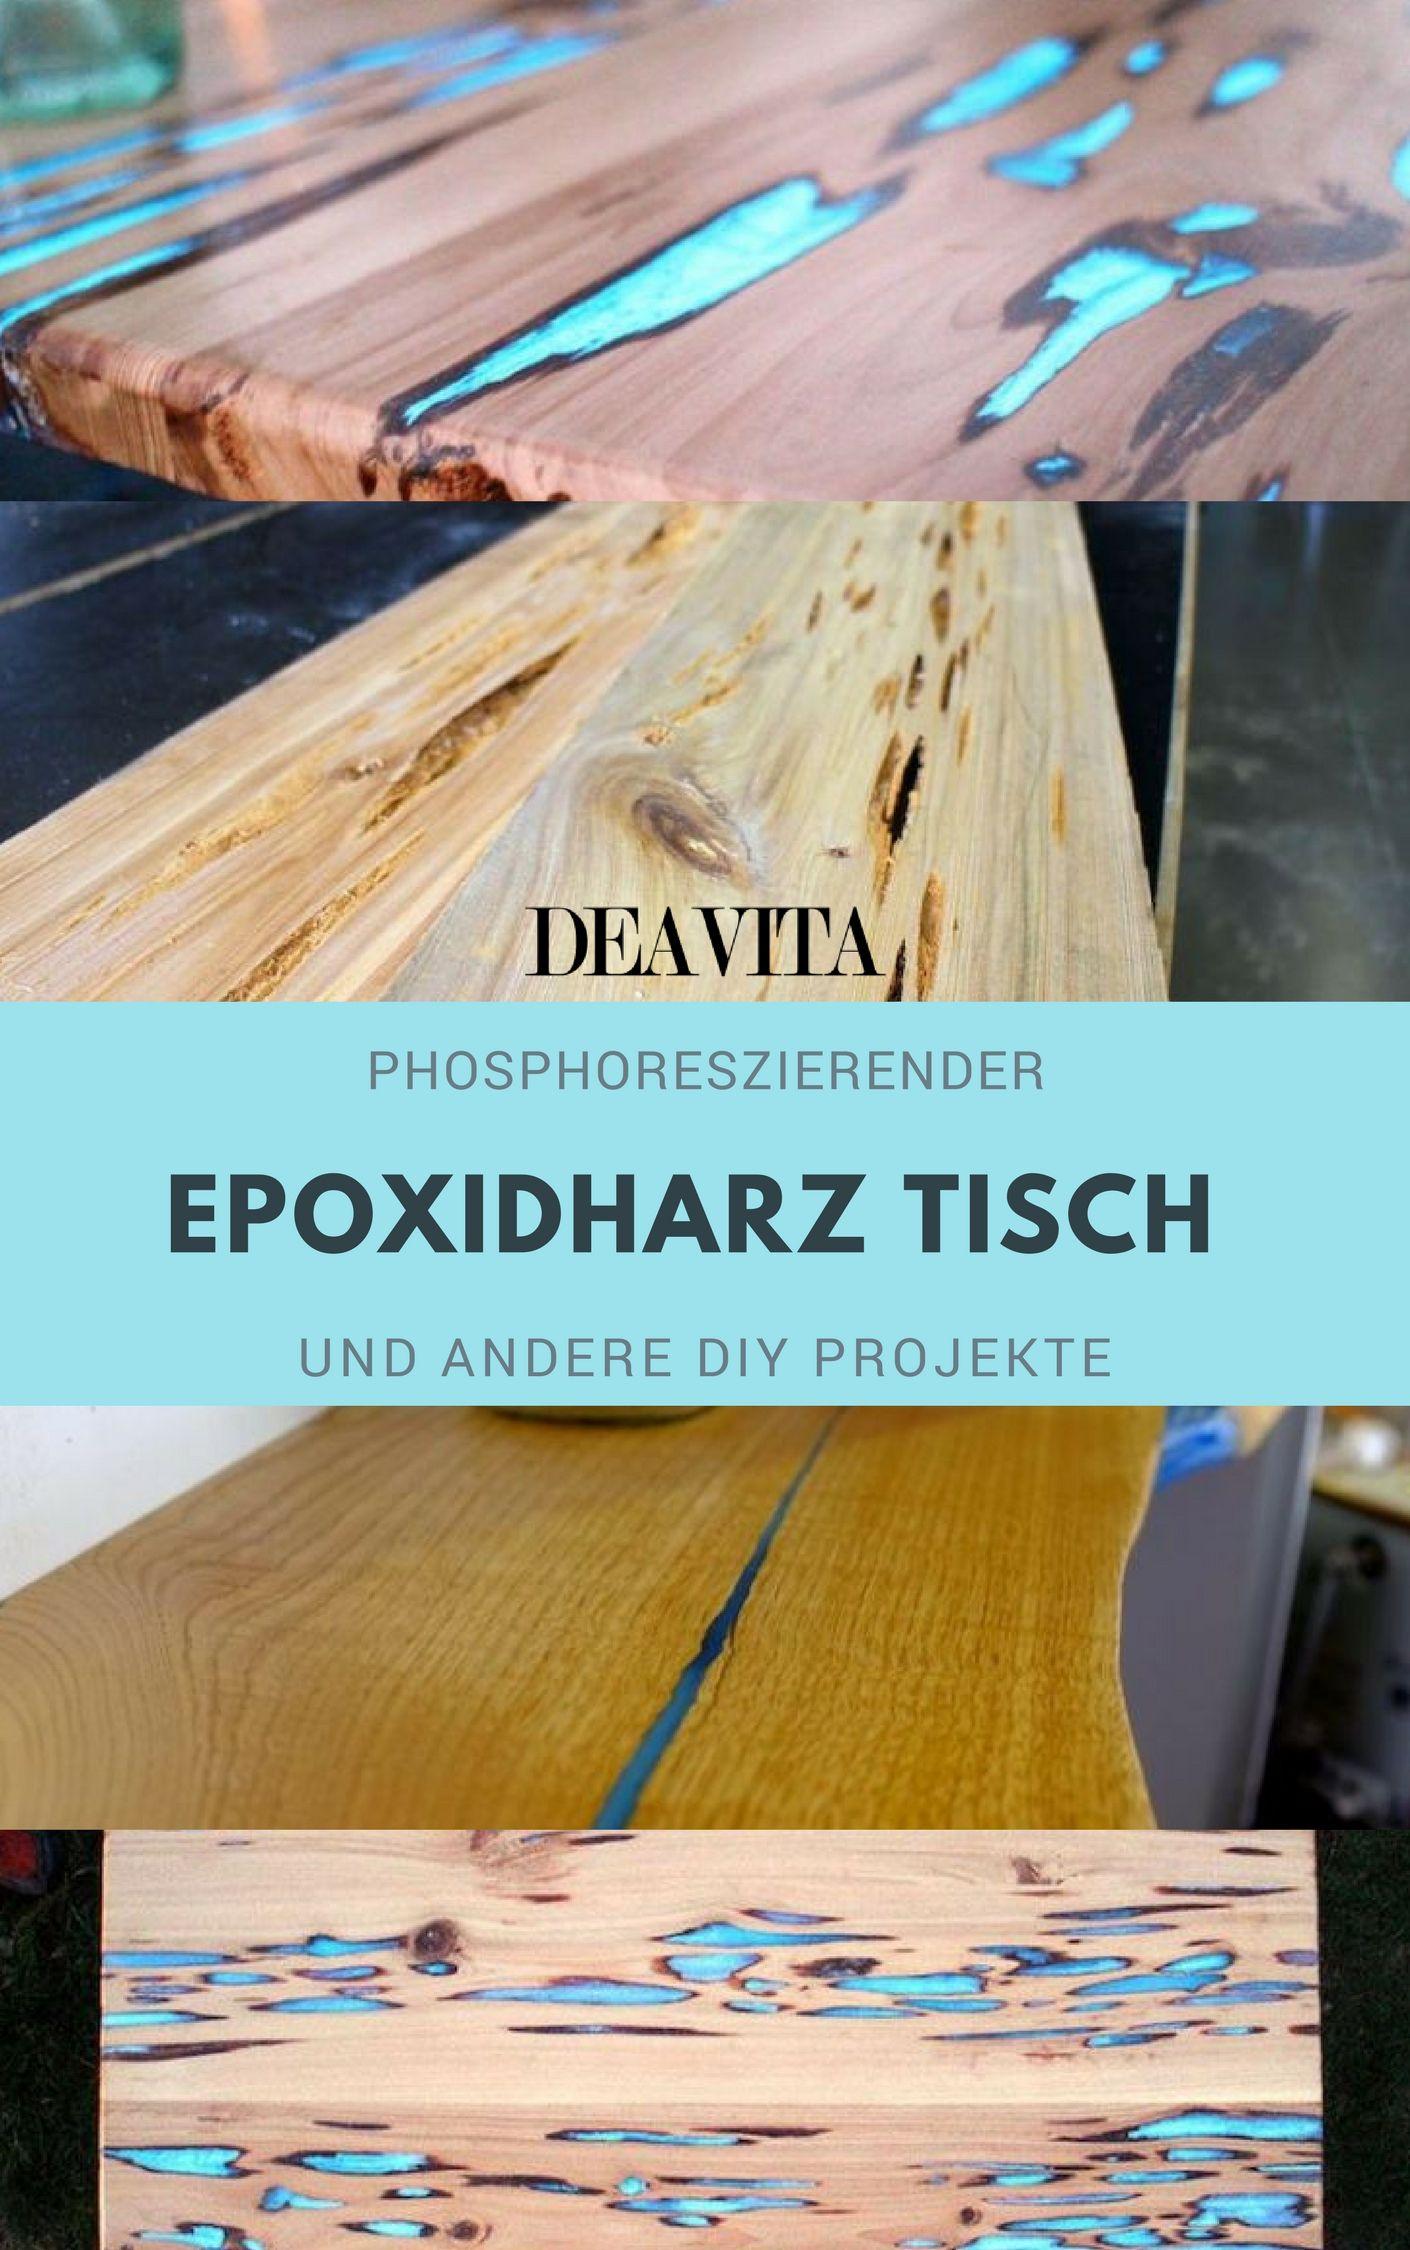 Phosphoreszierender Epoxidharz Tisch Und Andere Diy Projekte